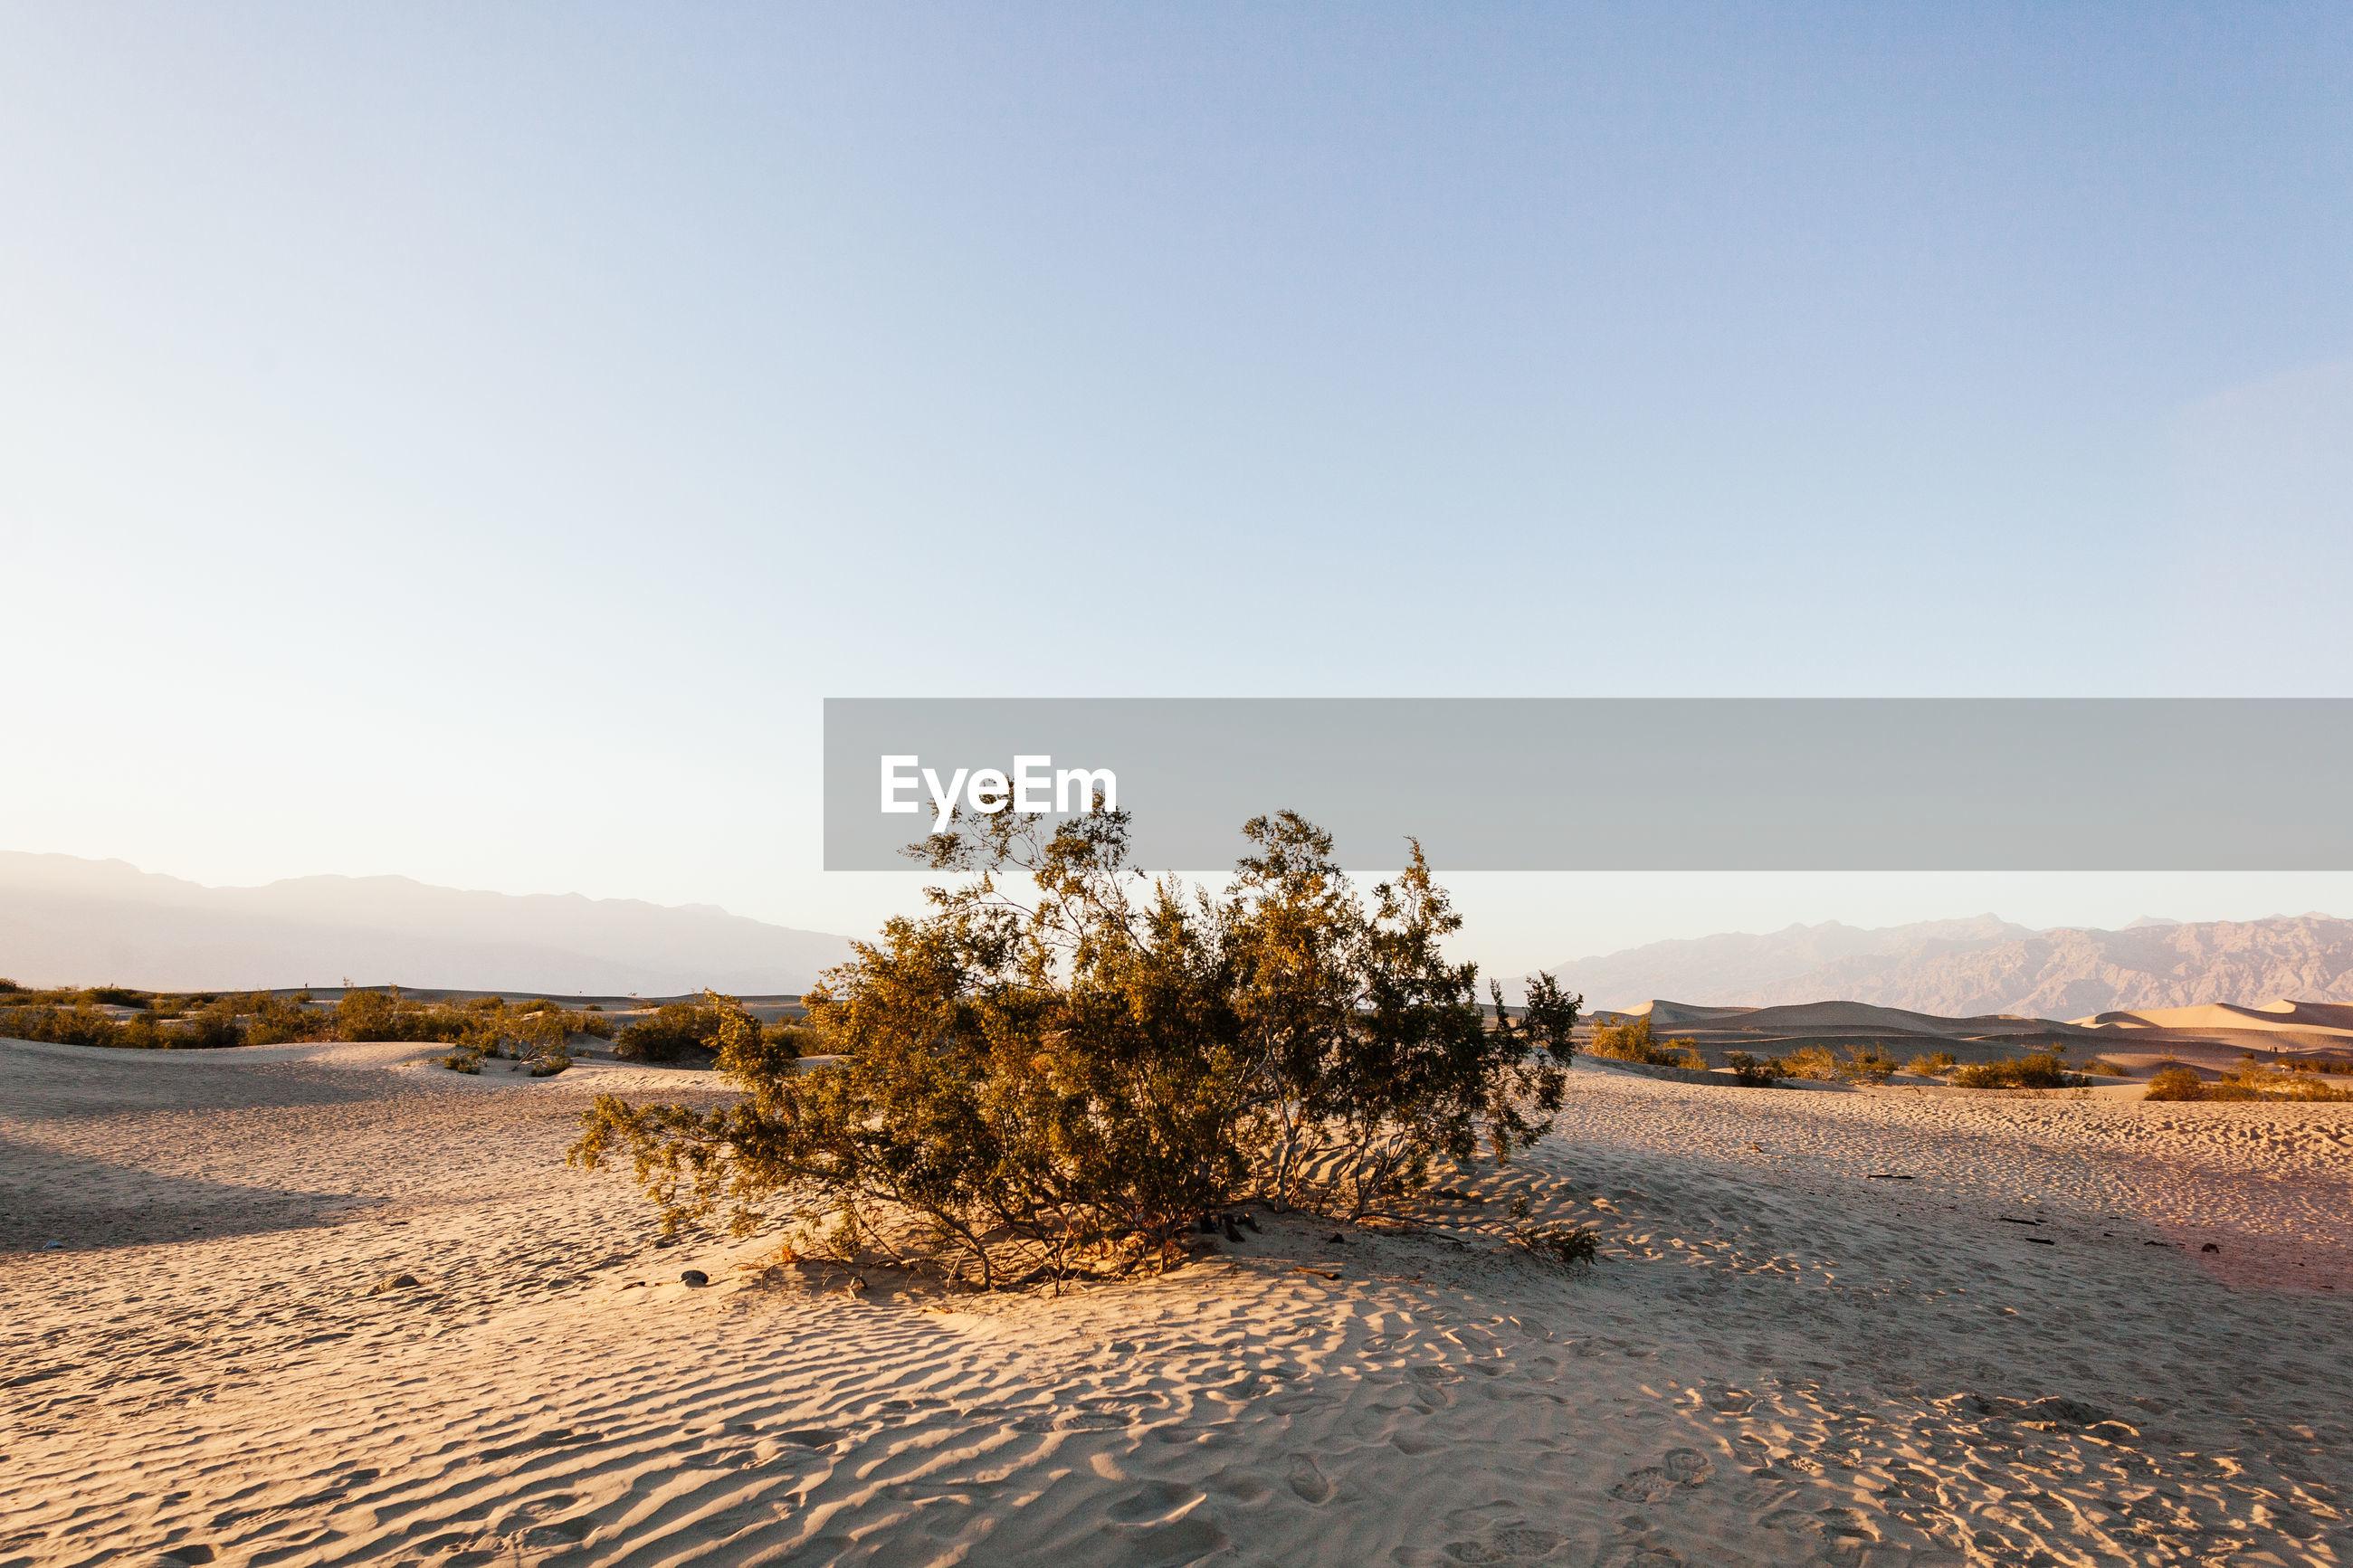 Bush in mojave desert against sky